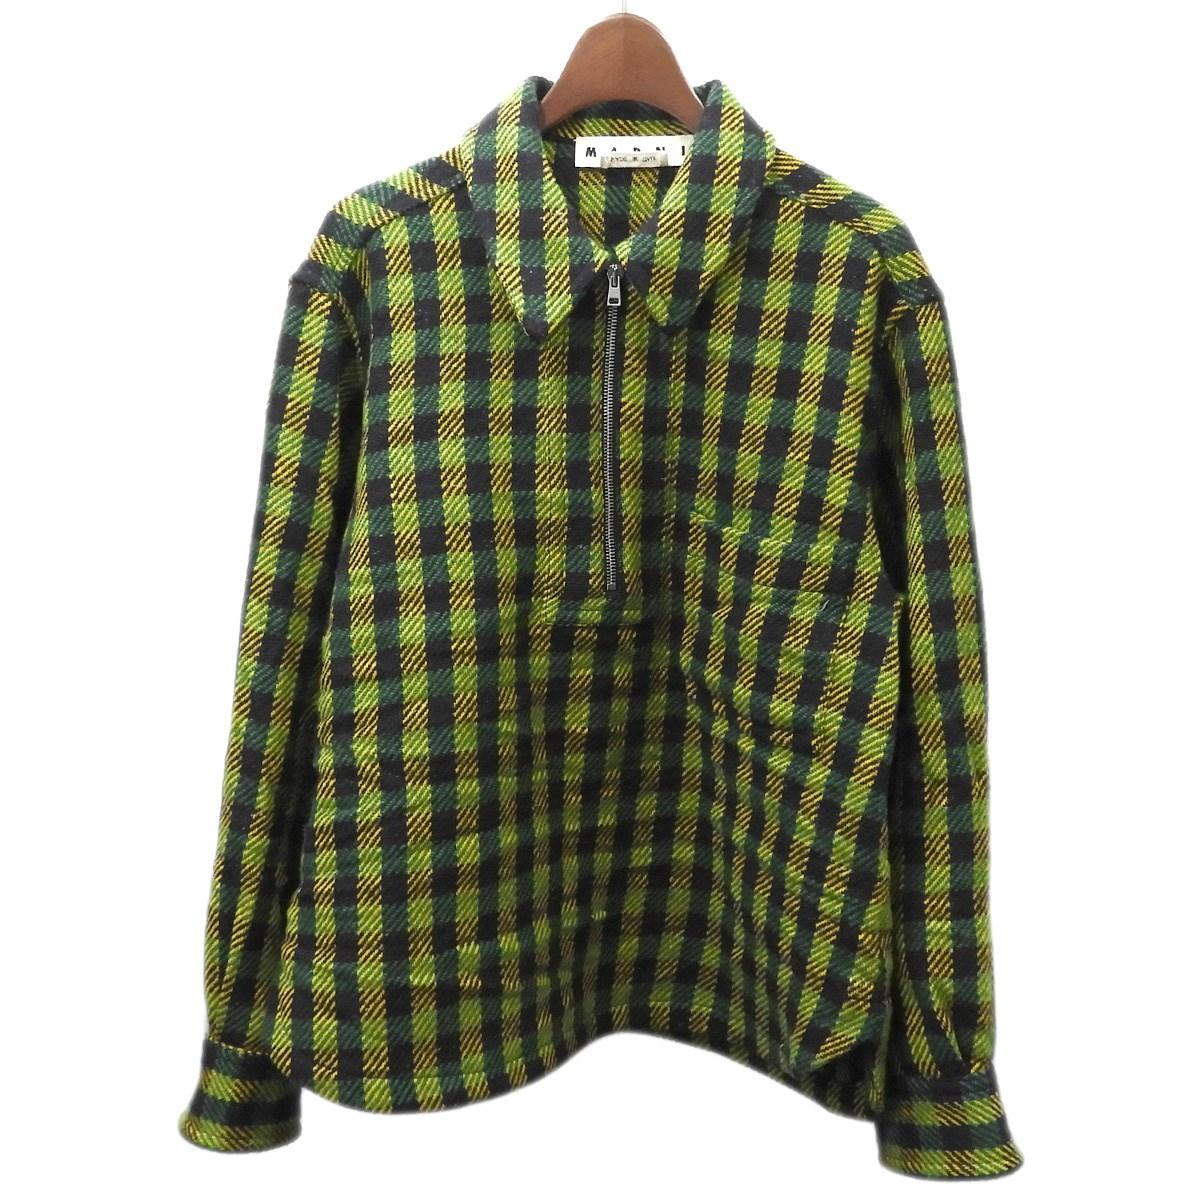 【中古】MARNI 2017AW ハーフジップチェックシャツ グリーン サイズ:46 【180320】(マルニ)